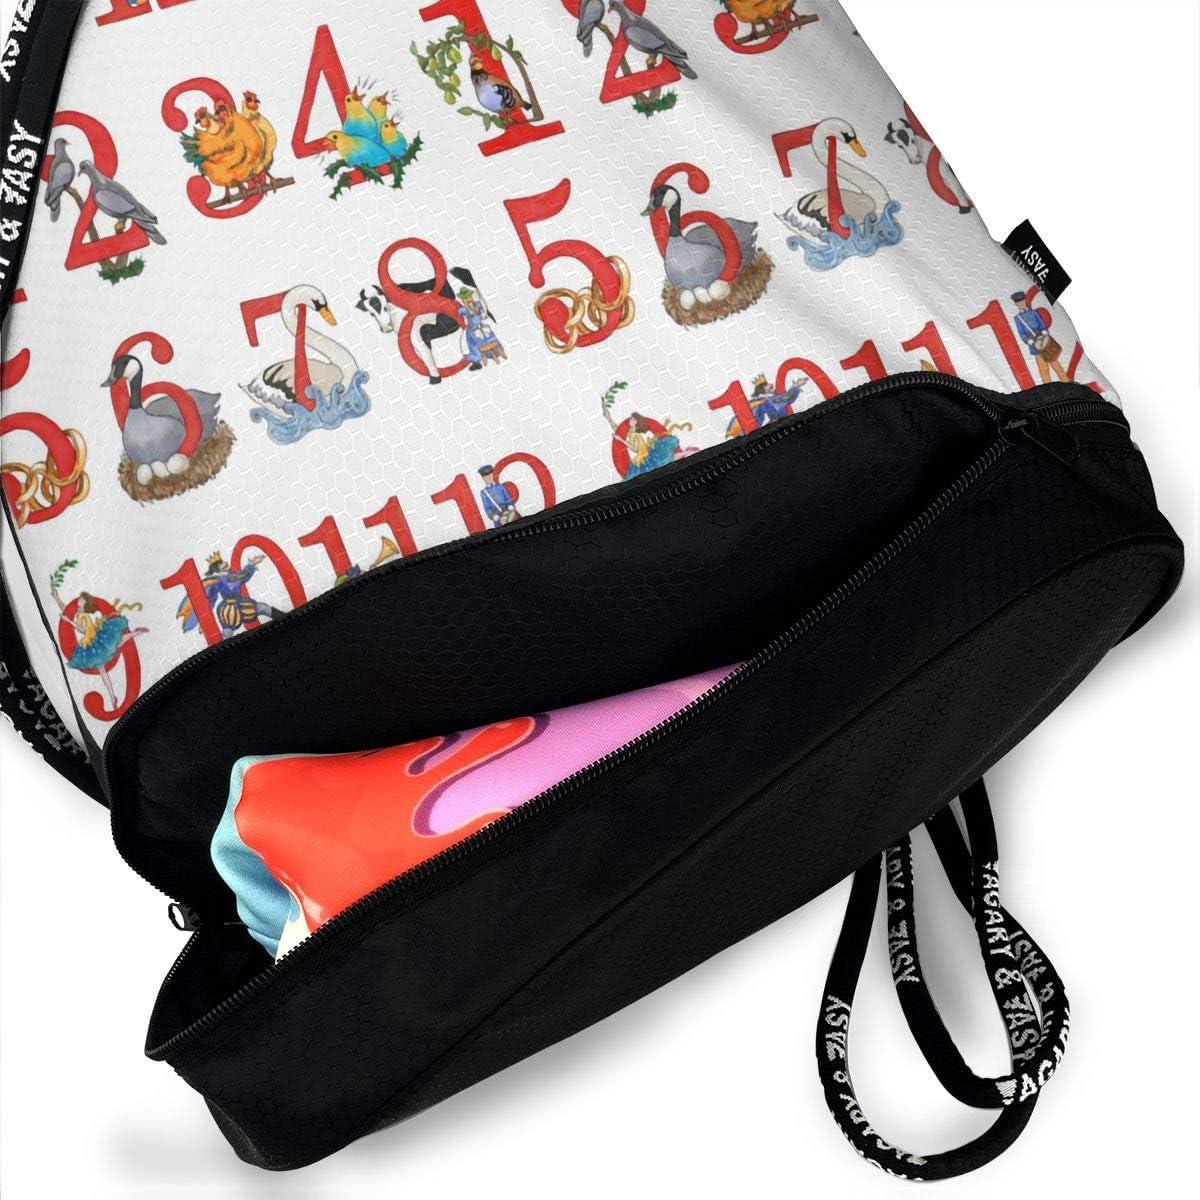 Drawstring Backpack Christmas Number Shoulder Bags